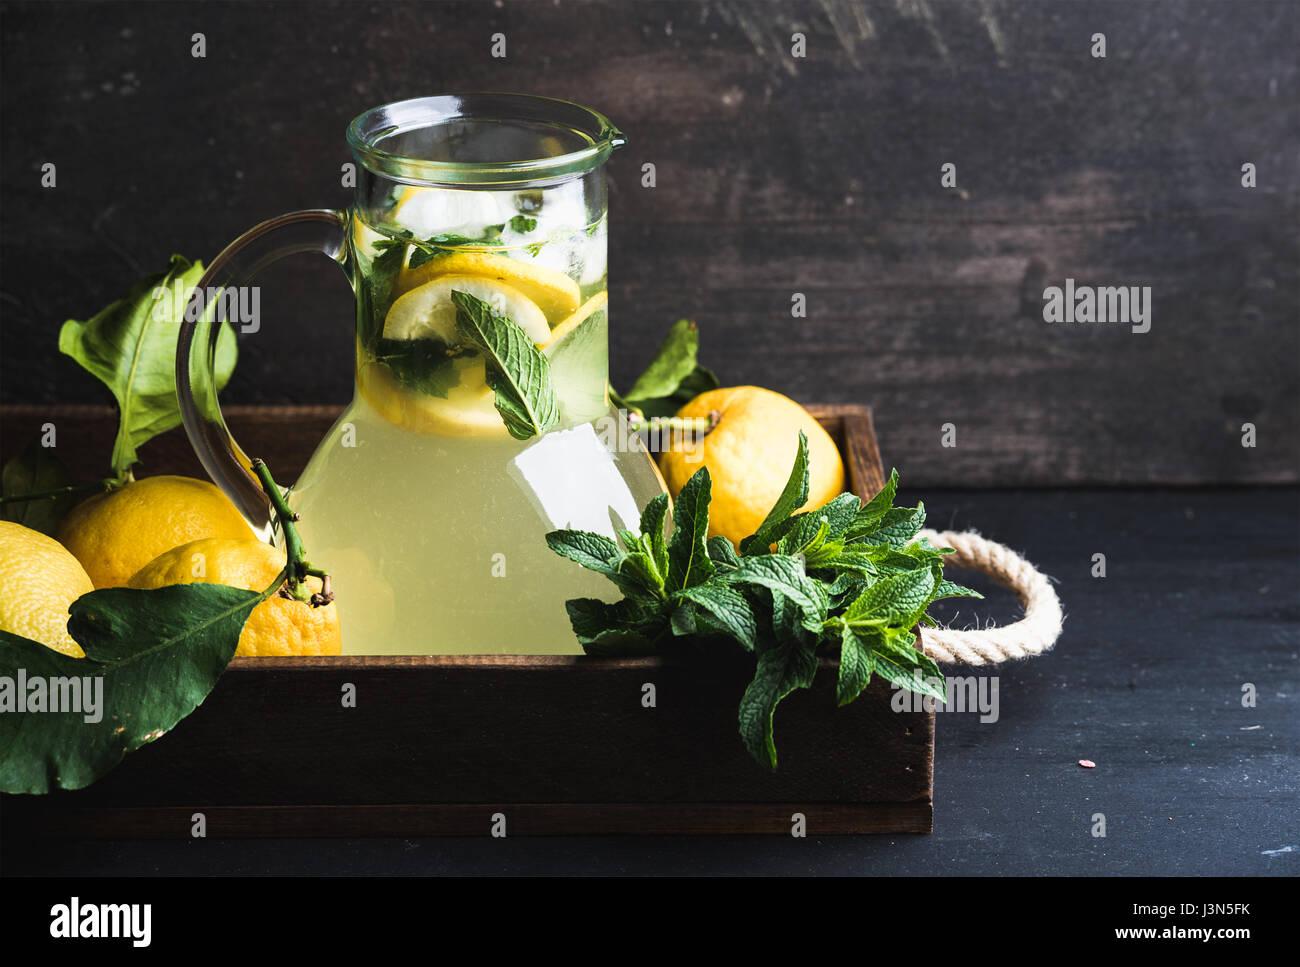 Mint limonada casera servida con limones frescos y hielo sobre fondo de madera, vista superior, espacio de copia Imagen De Stock